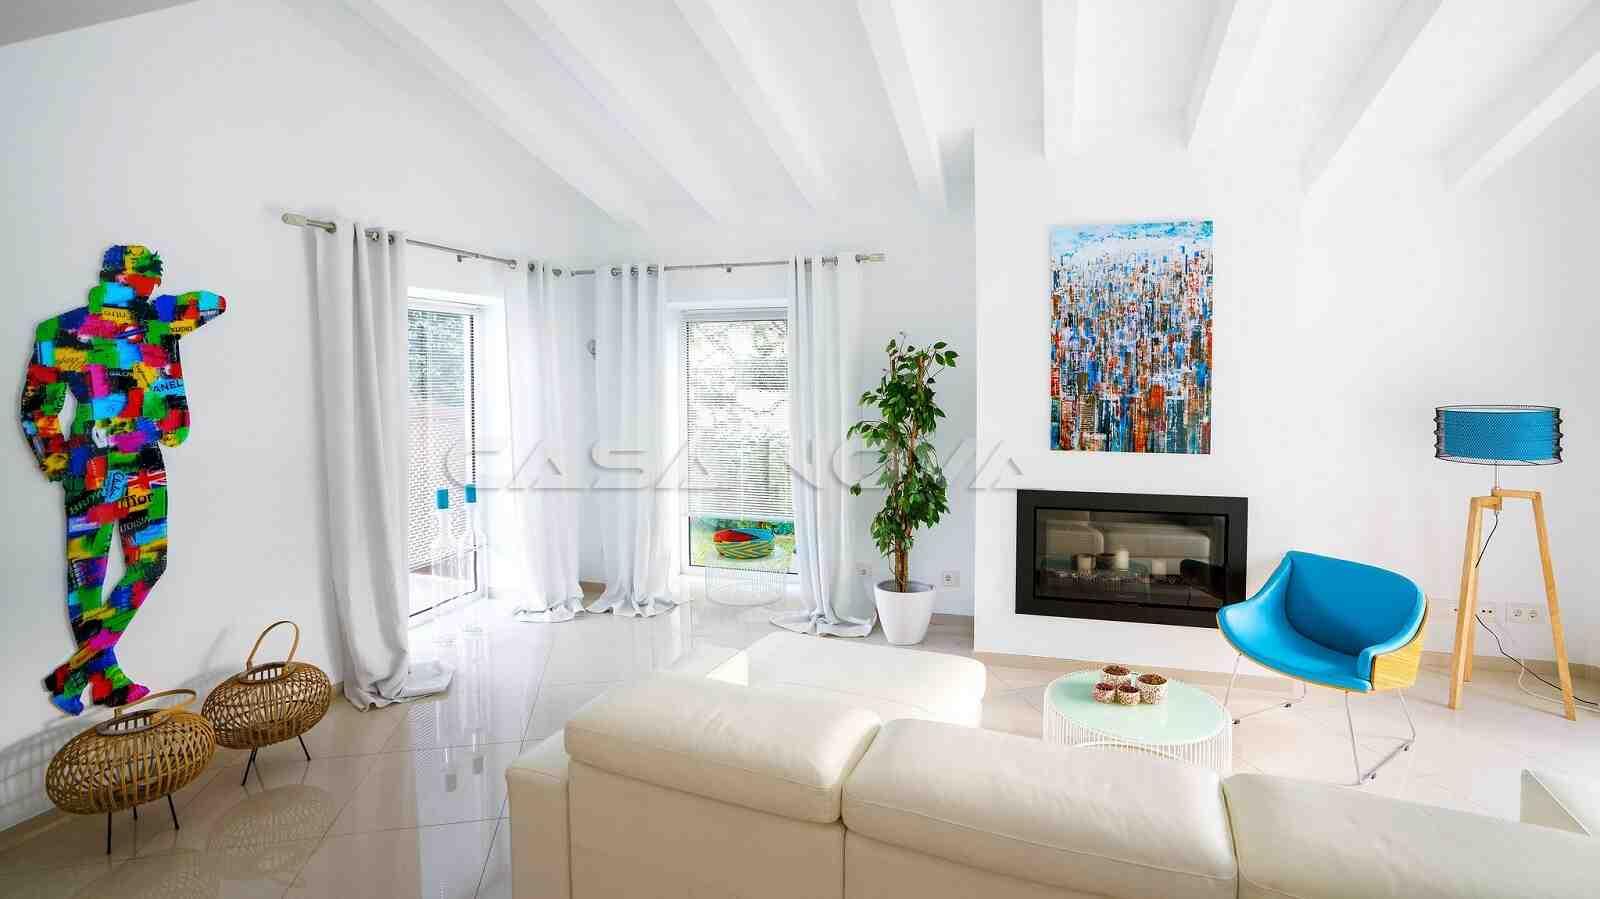 Ref. 2303031 - Heller Wohnraum mit Kamin und Holzbalkendecke